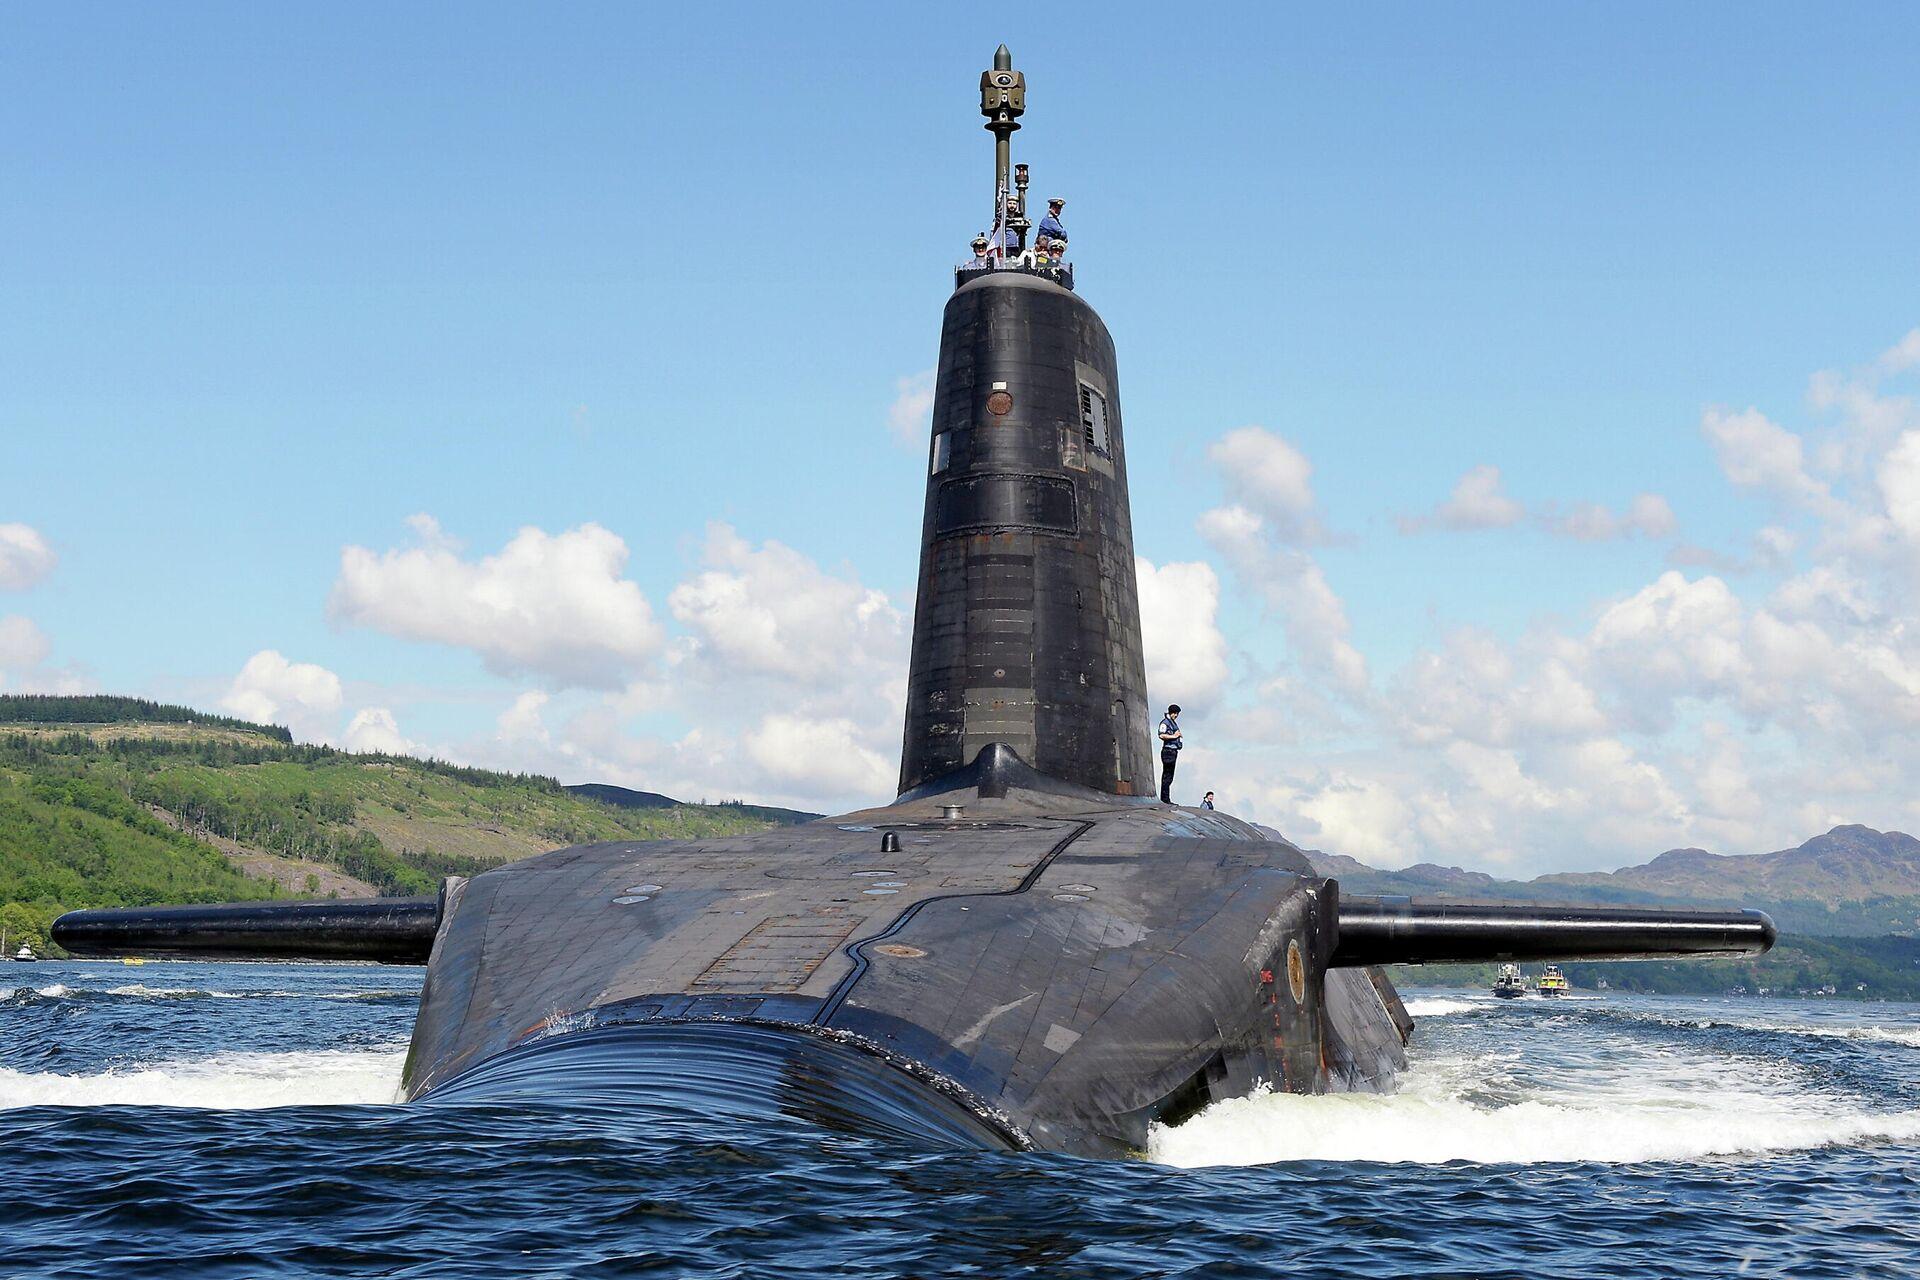 El submarino de la Marina Real británica HMS Victorious, uno de los portadores de misiles nucleares del Reino Unido - Sputnik Mundo, 1920, 13.09.2021